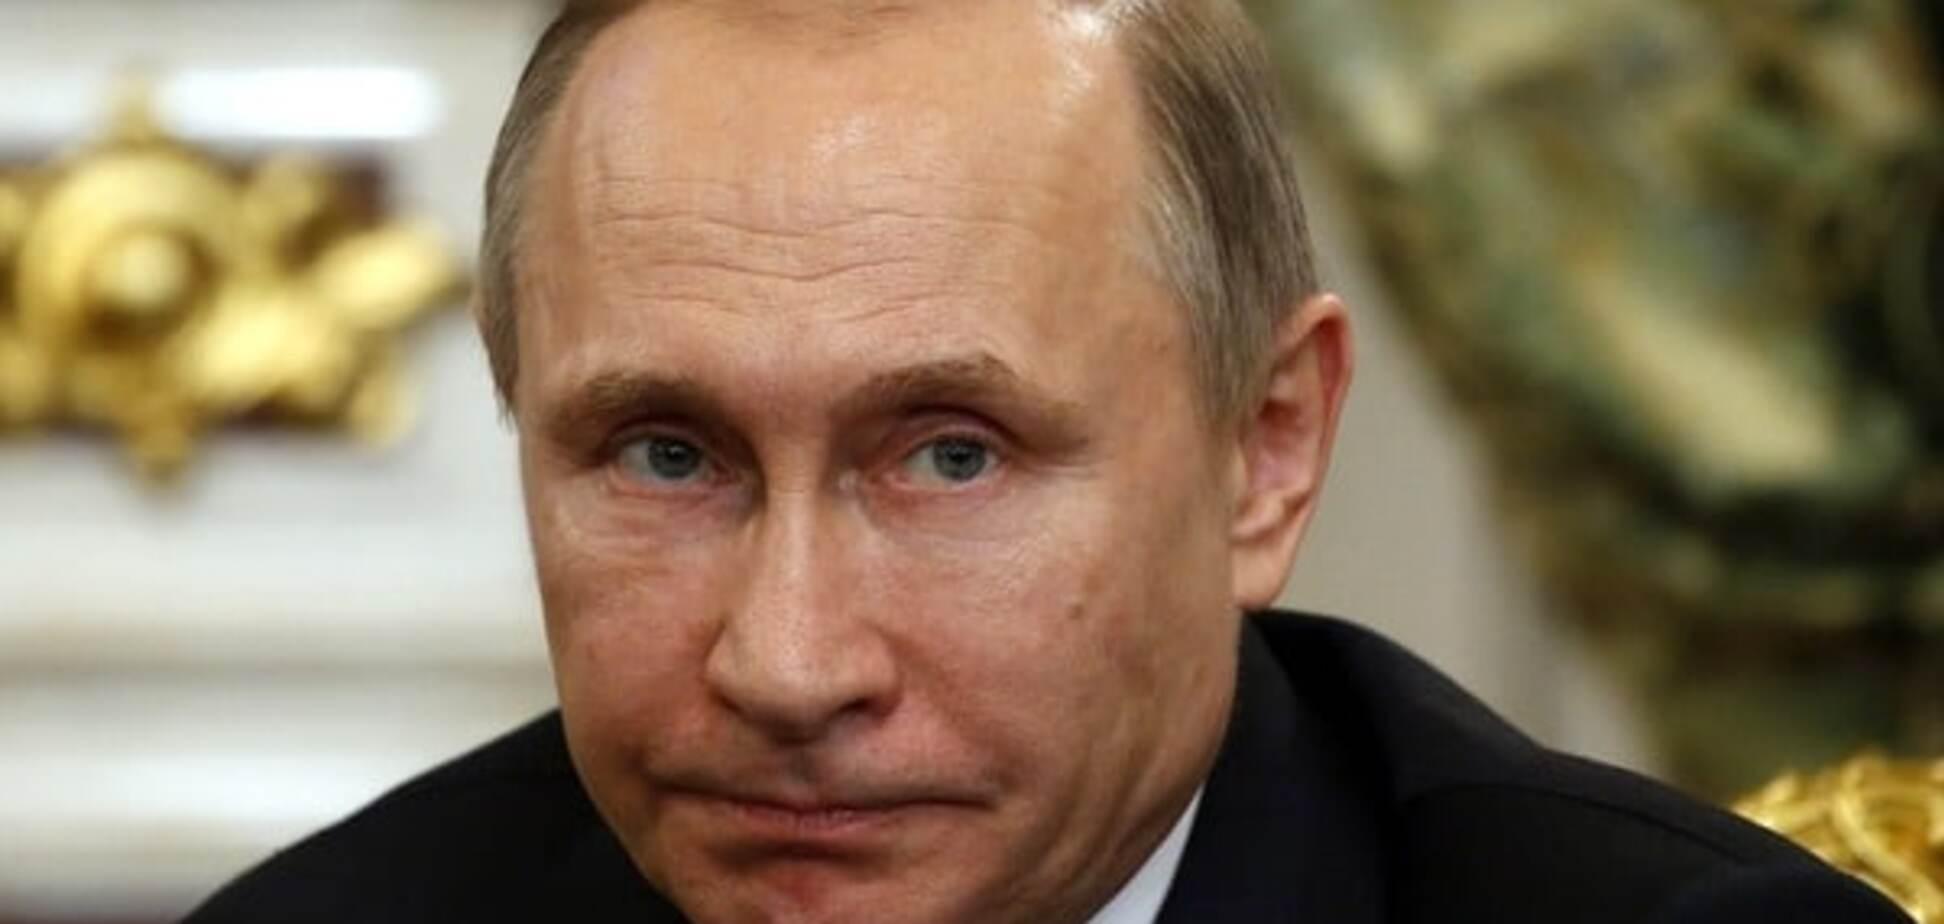 Сванідзе: Путін відчув наслідки Криму, Донбасу та Сирії